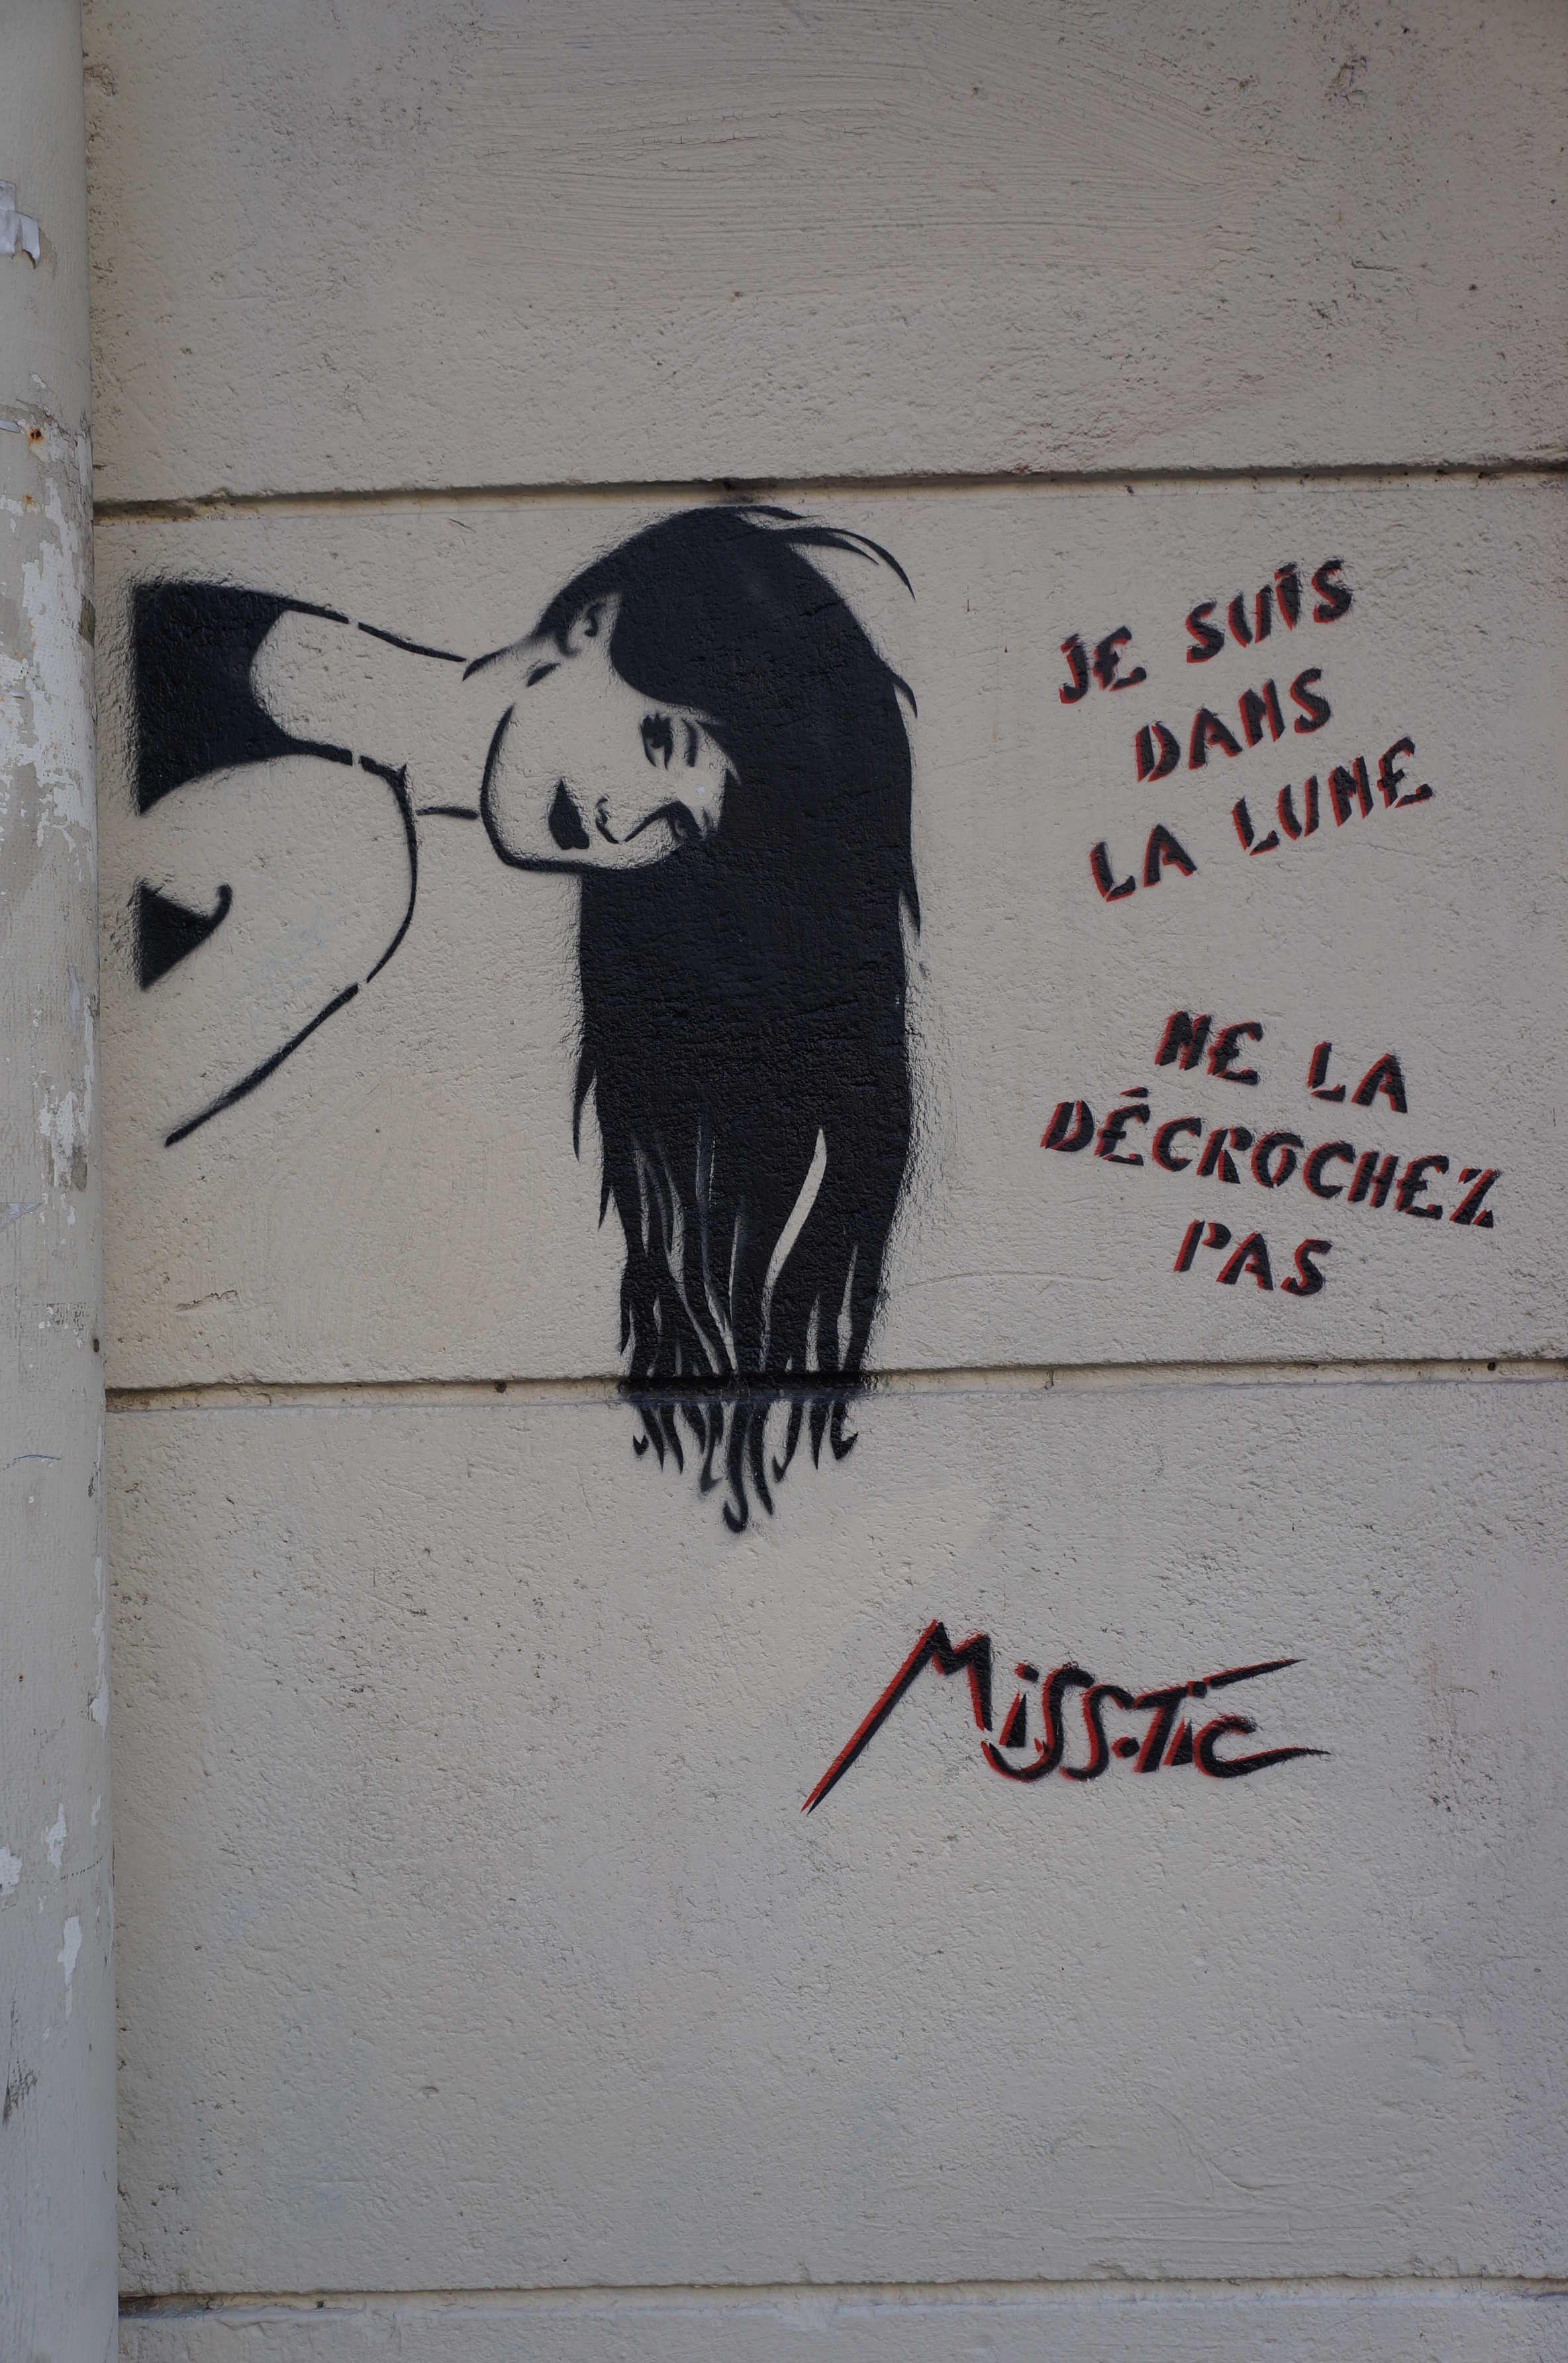 La butte aux cailles - Paris